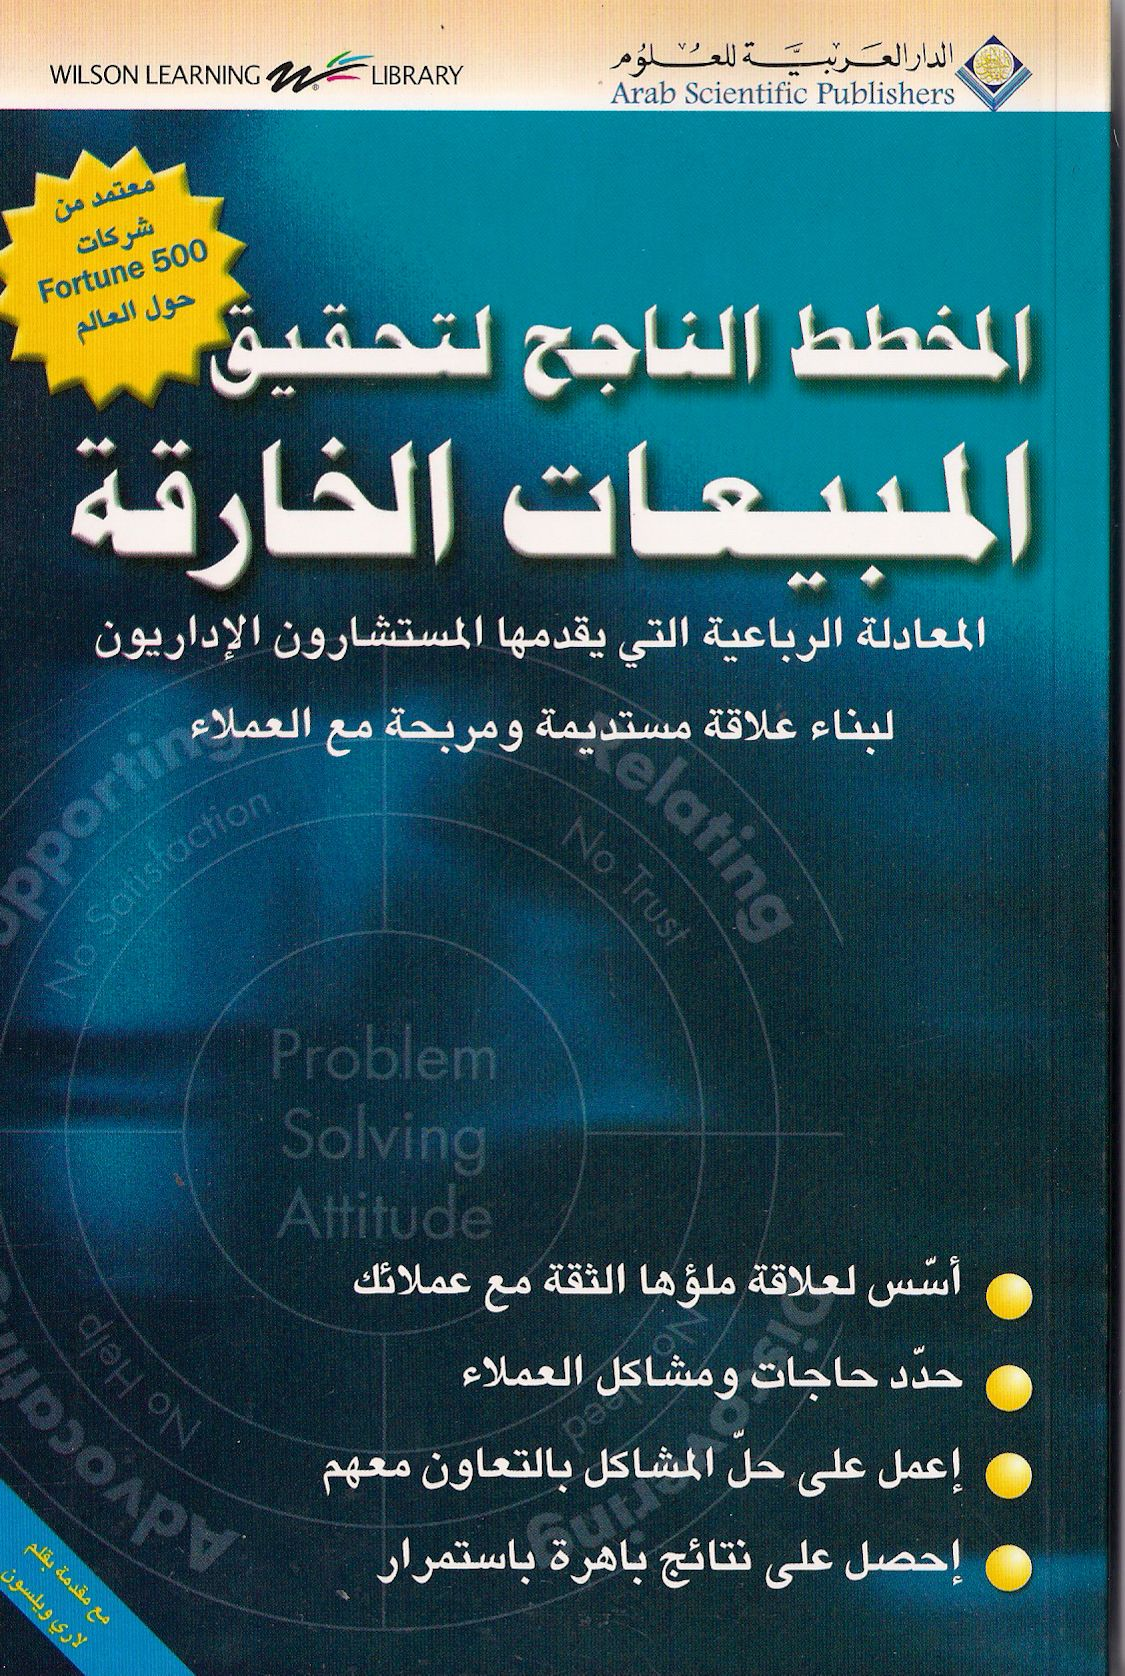 المخطط الناجح لتحقيق المبيعات الخارقة Ebooks Free Books Pdf Books Reading Books